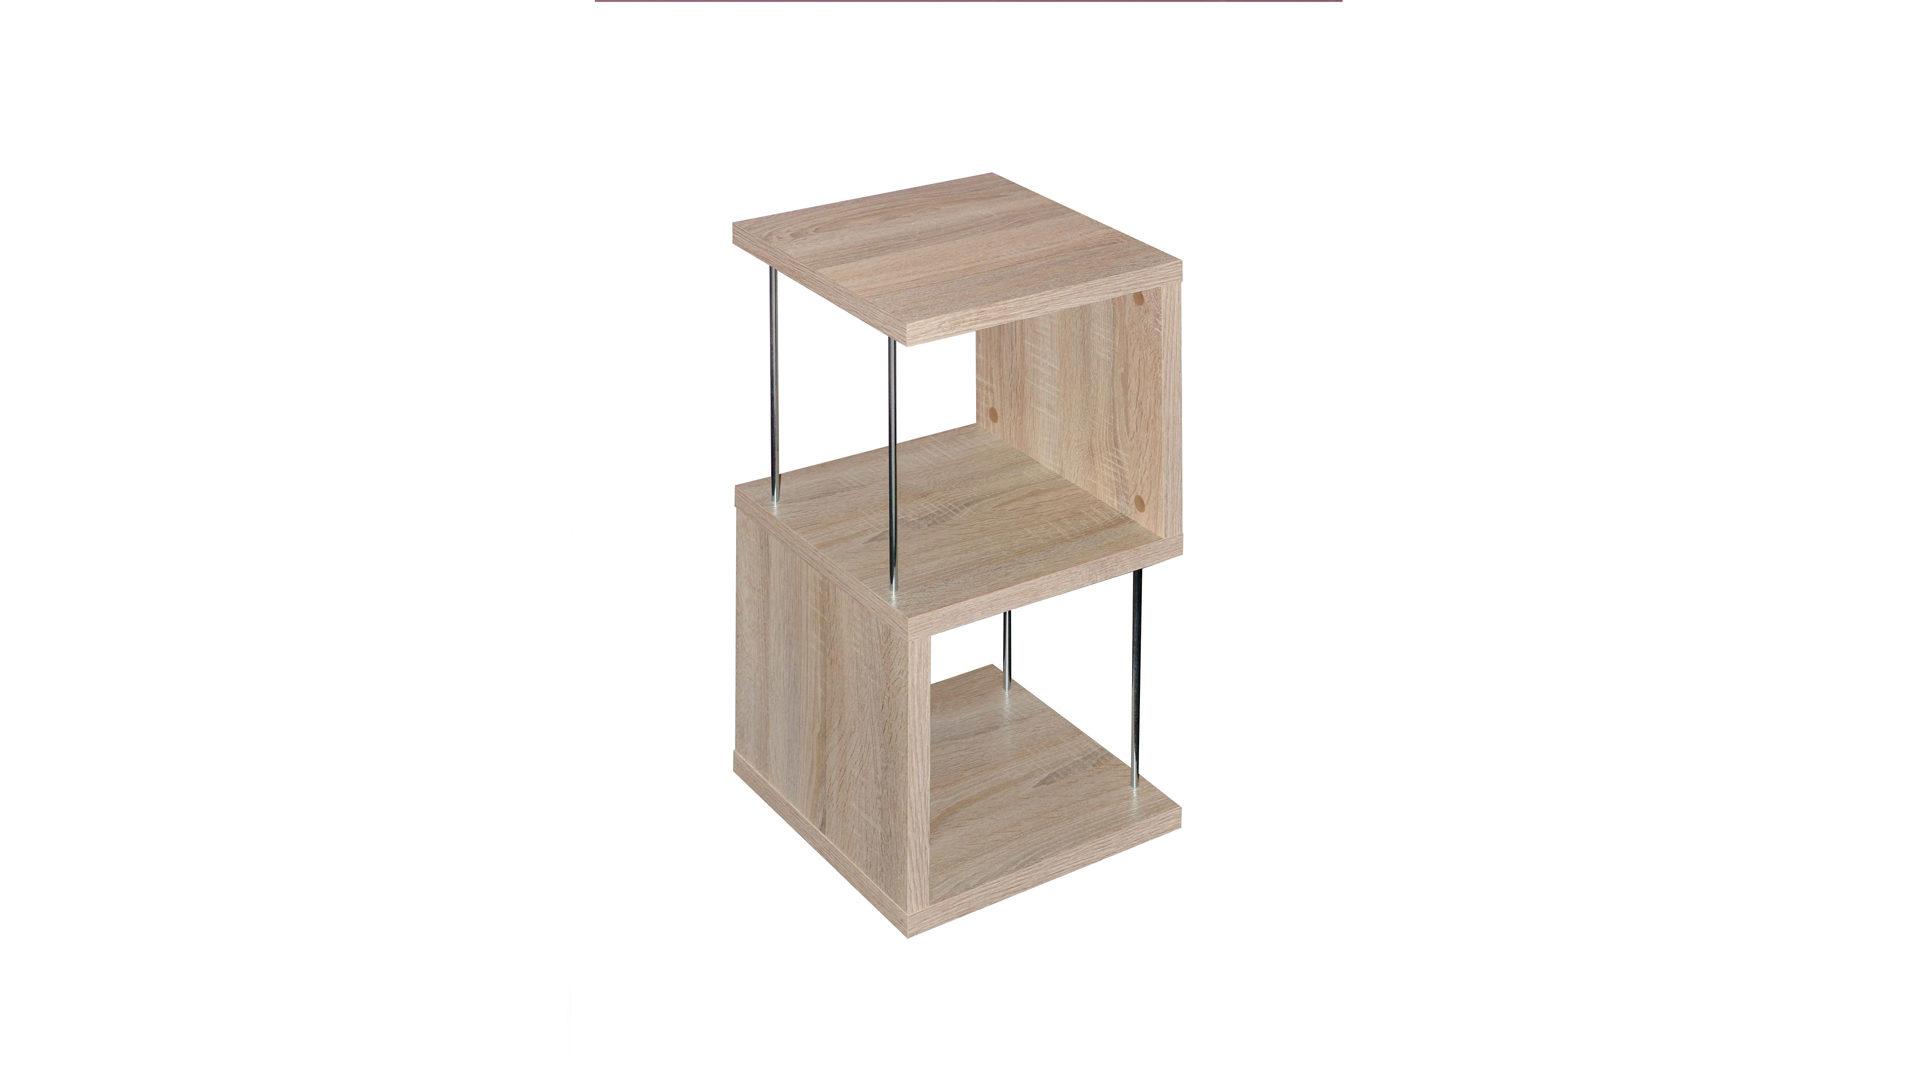 Möbel Herxheim standregal ein kleinmöbel fürs wohnzimmer oder arbeitszimmer